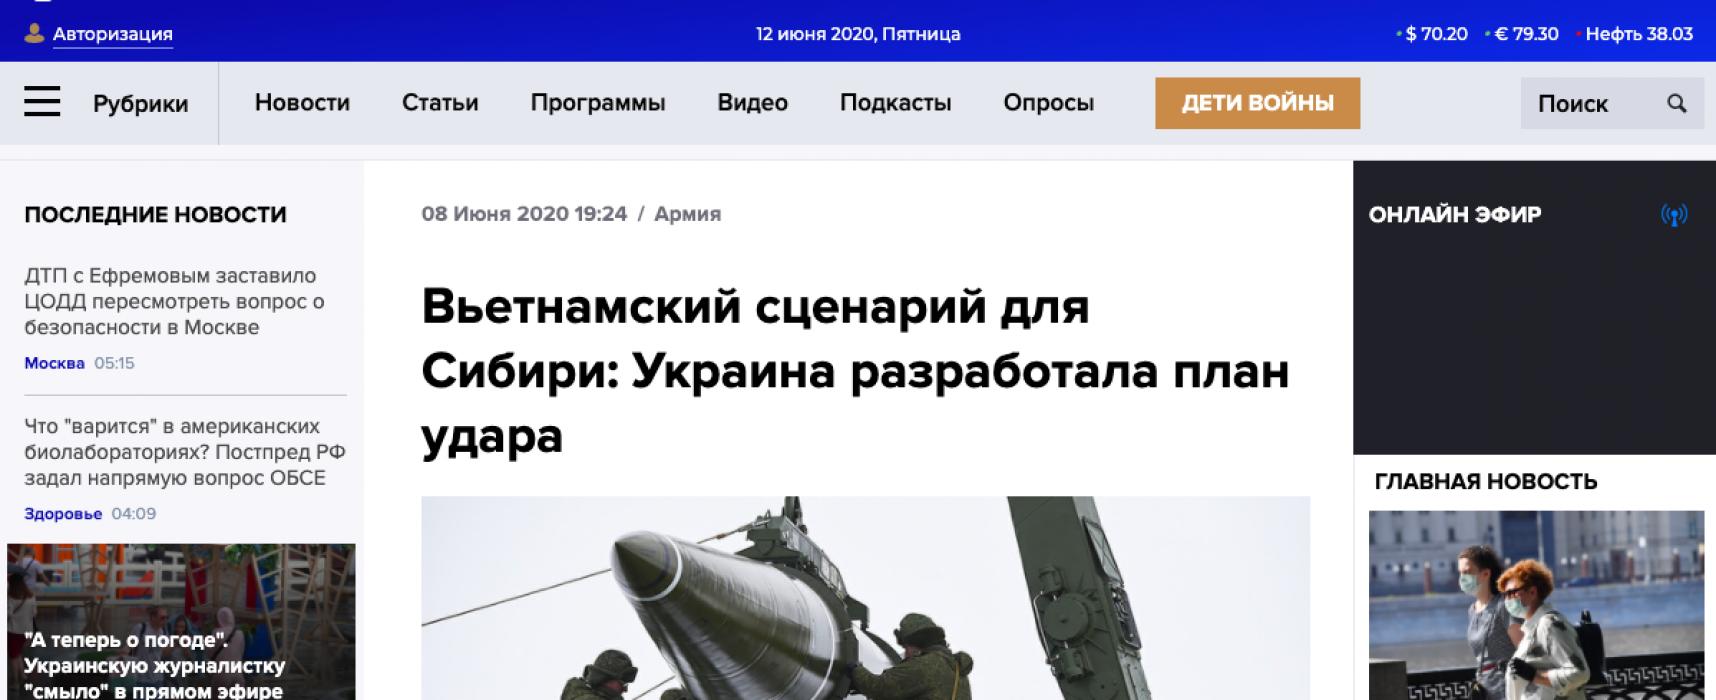 """Фейк: США будет бомбить Сибирь по """"украинскому"""" плану"""